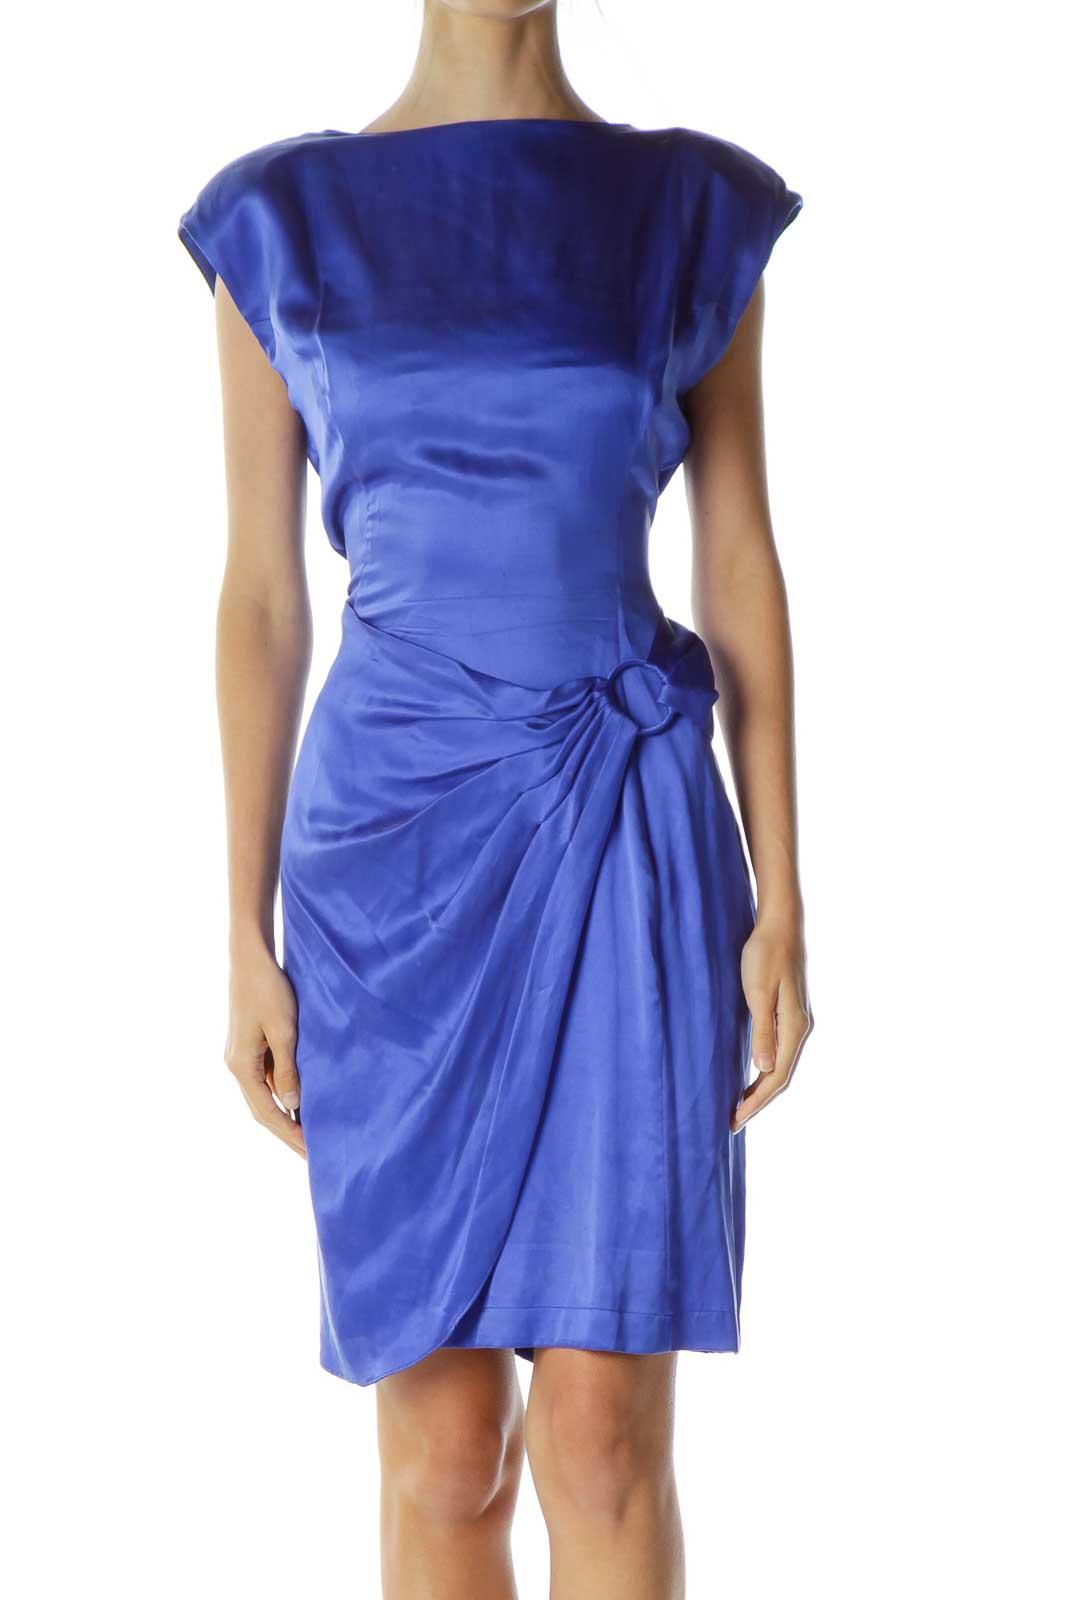 Blue Vintage Wrap Cocktail Dress Front